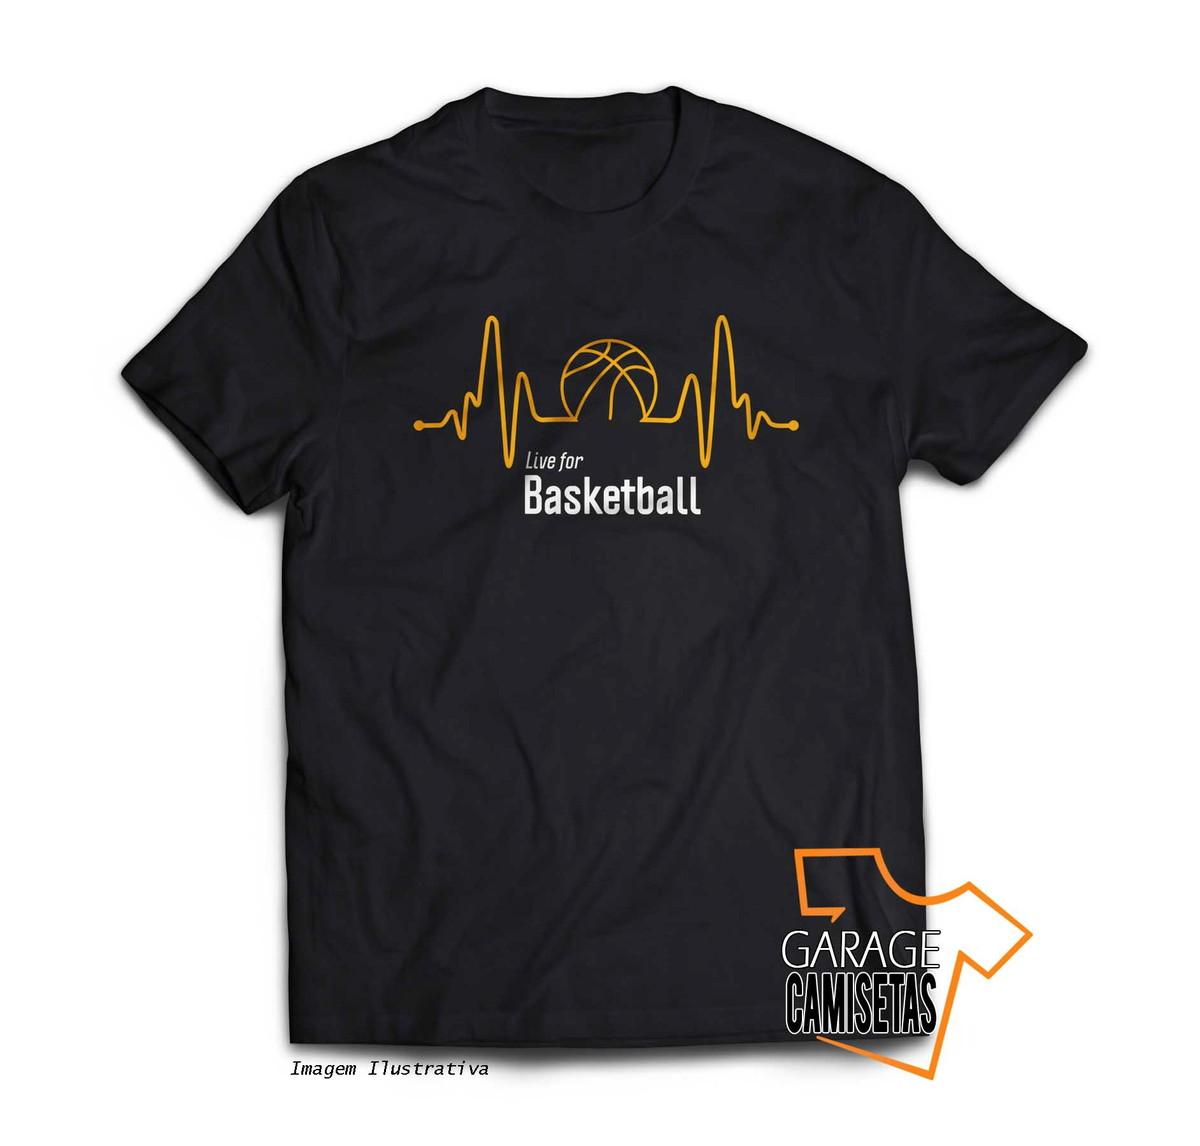 9f6269c2e91 Camiseta Live For Basketball - Basquetebol no Elo7